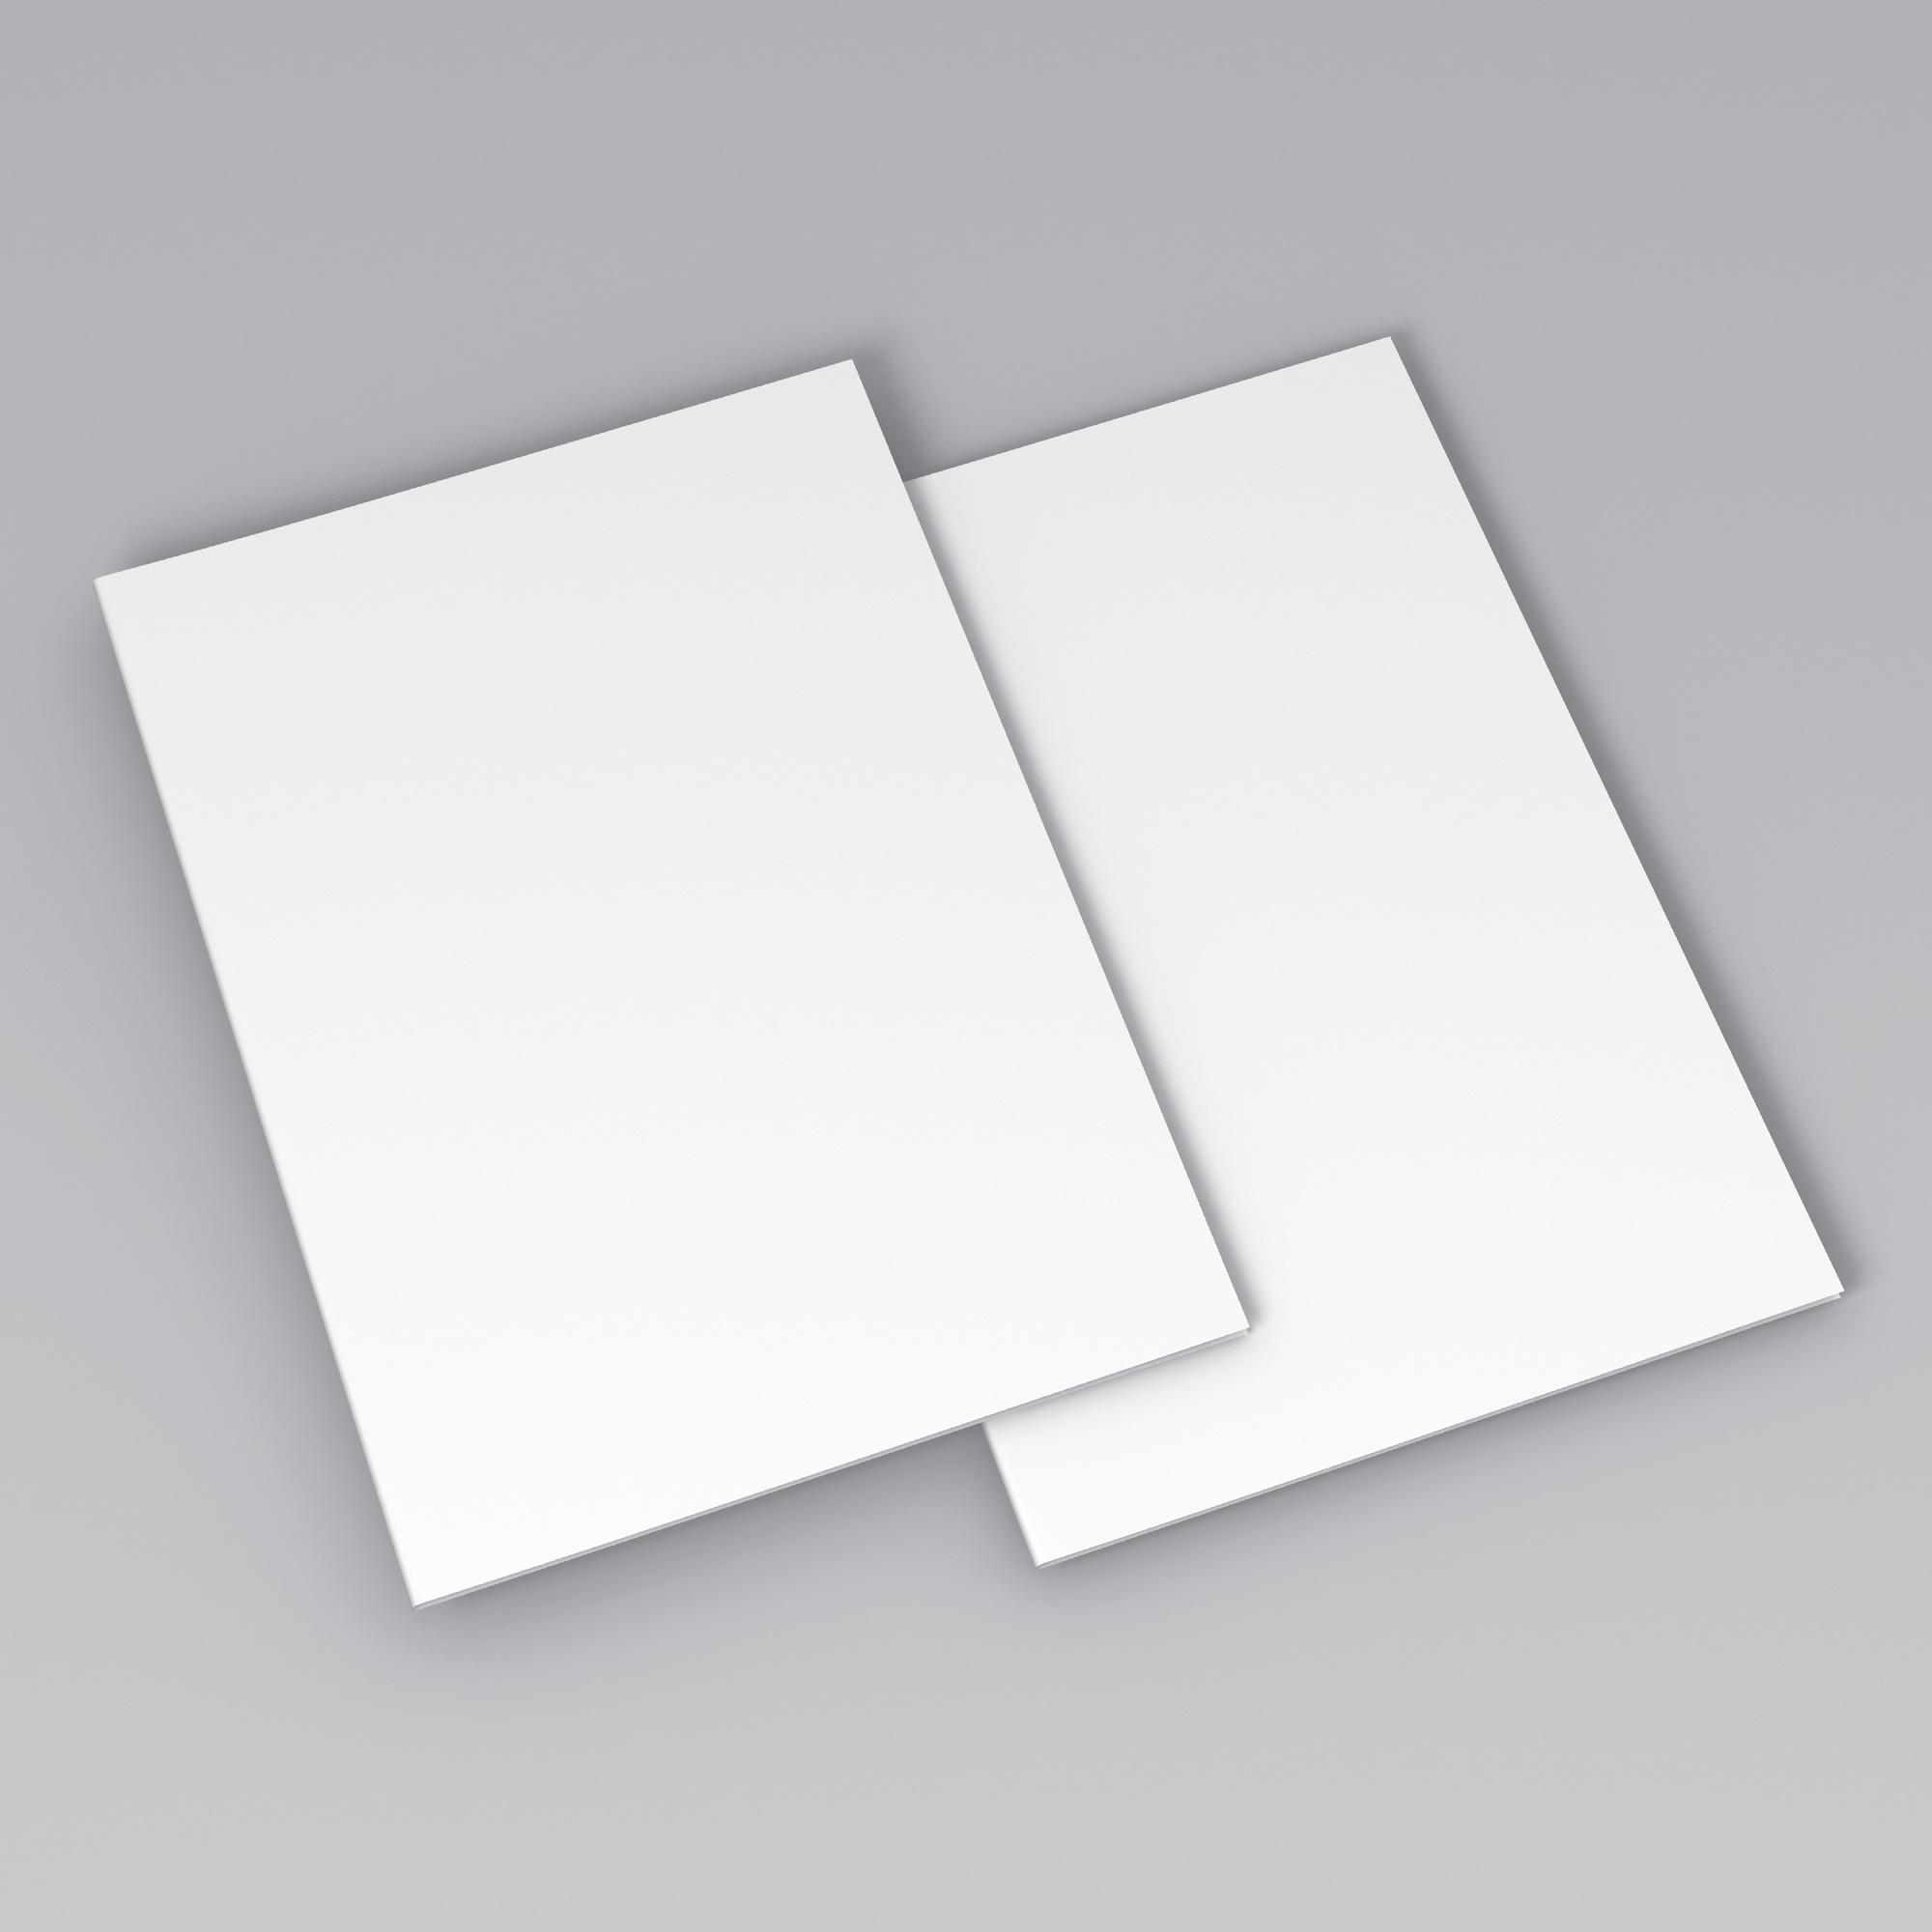 http://shop.copycatprint.com.au/images/products_gallery_images/COPYCAT_WEB_FLYERS_GALLERY_IMAGES_MAR18-0130.jpg